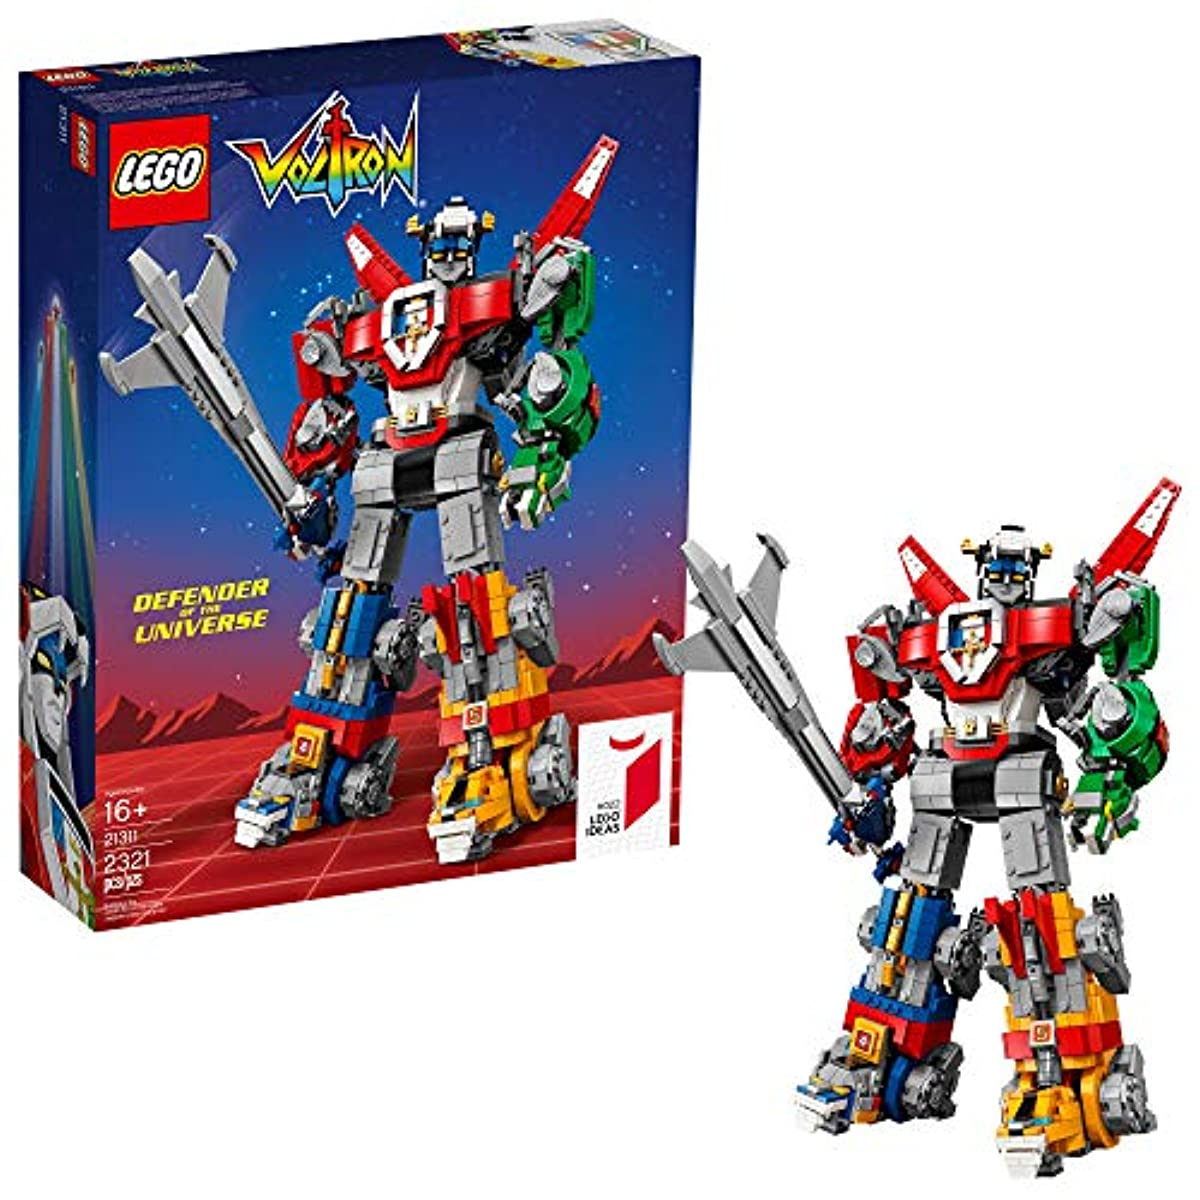 [해외] LEGO IDEAS기밀 아이디어V 21311 V ( 2321 PIECE)고, 멀티